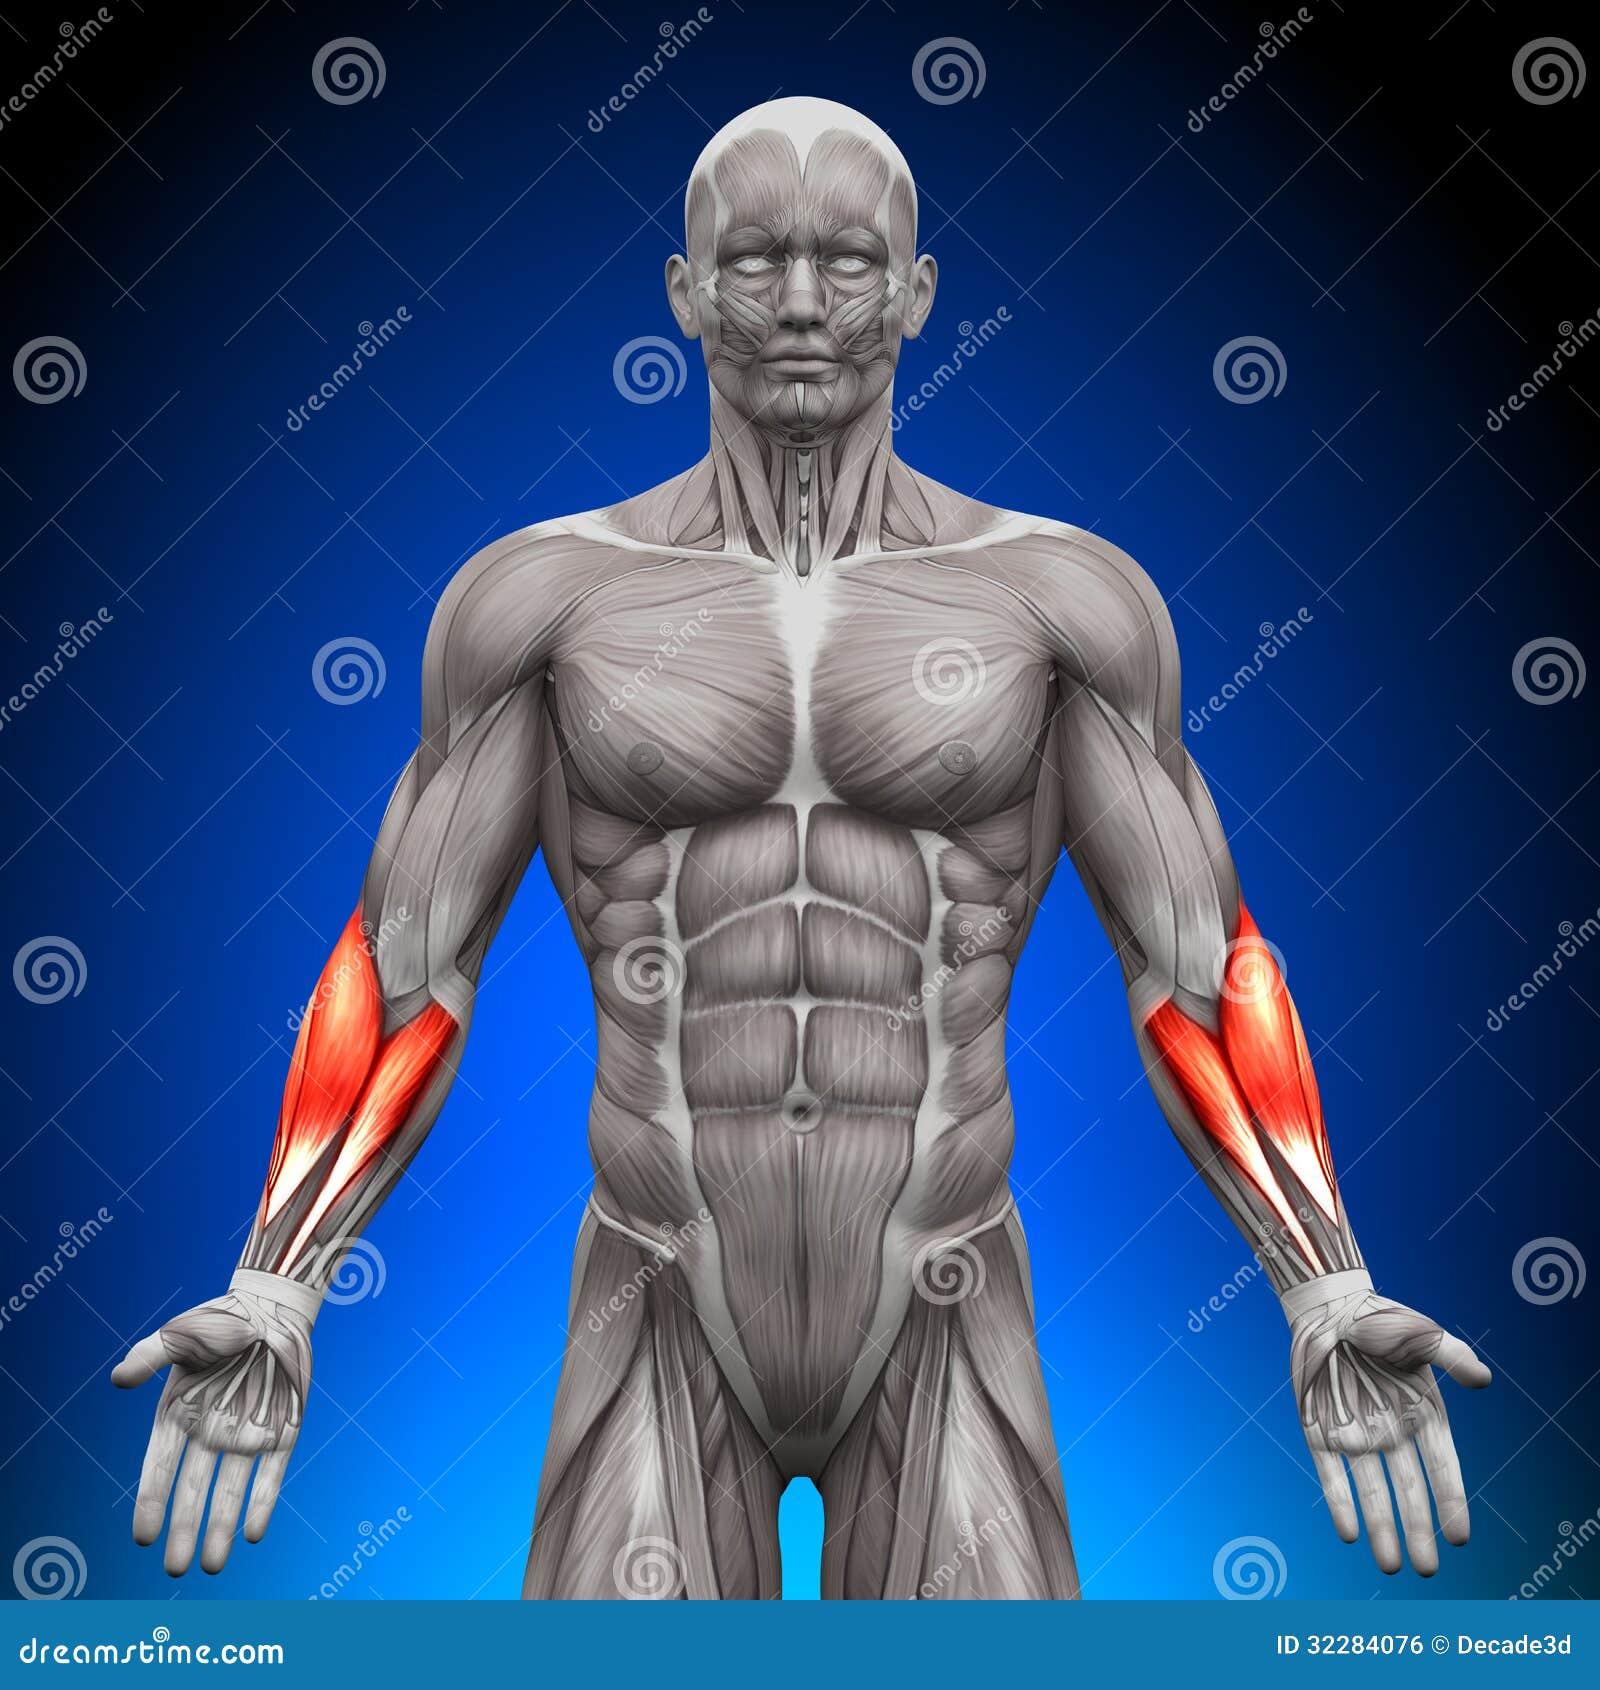 Предплечья - мышцы анатомии